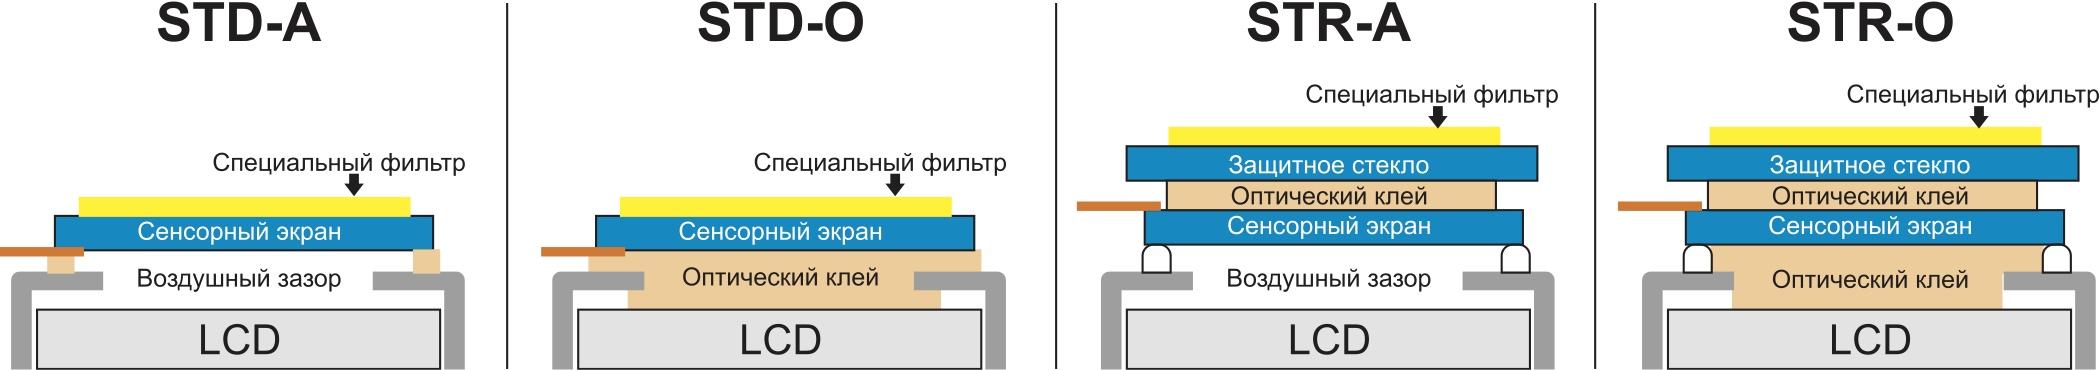 Варианты производственного исполнения TFT LCD-модулей cо встроенным проекционно-емкостным сенсорным экраном